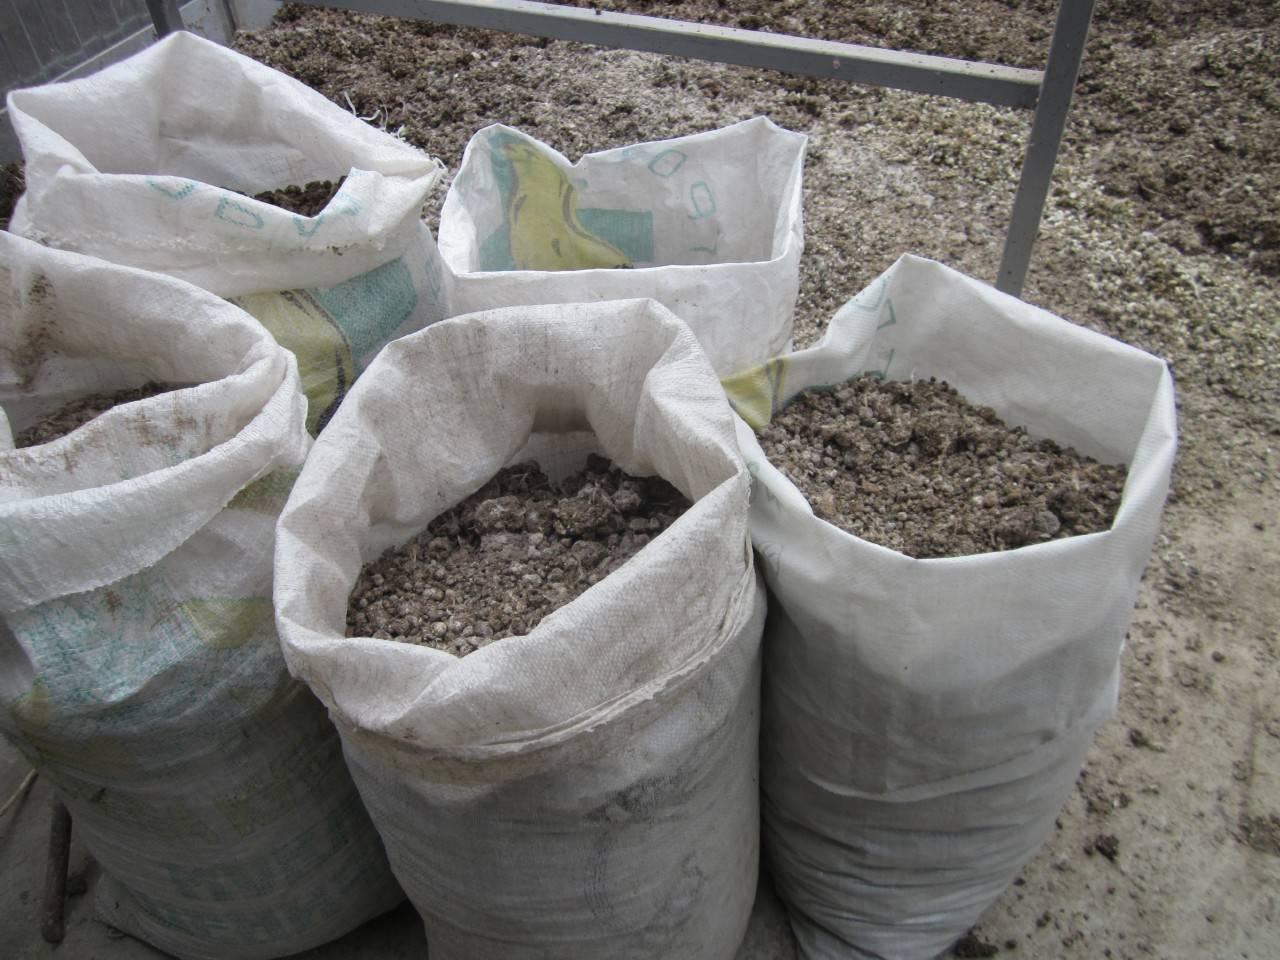 Куриный помет как удобрение как применять. 9 вариантов, как разводить куриный помет для растений.   красивый дом и сад